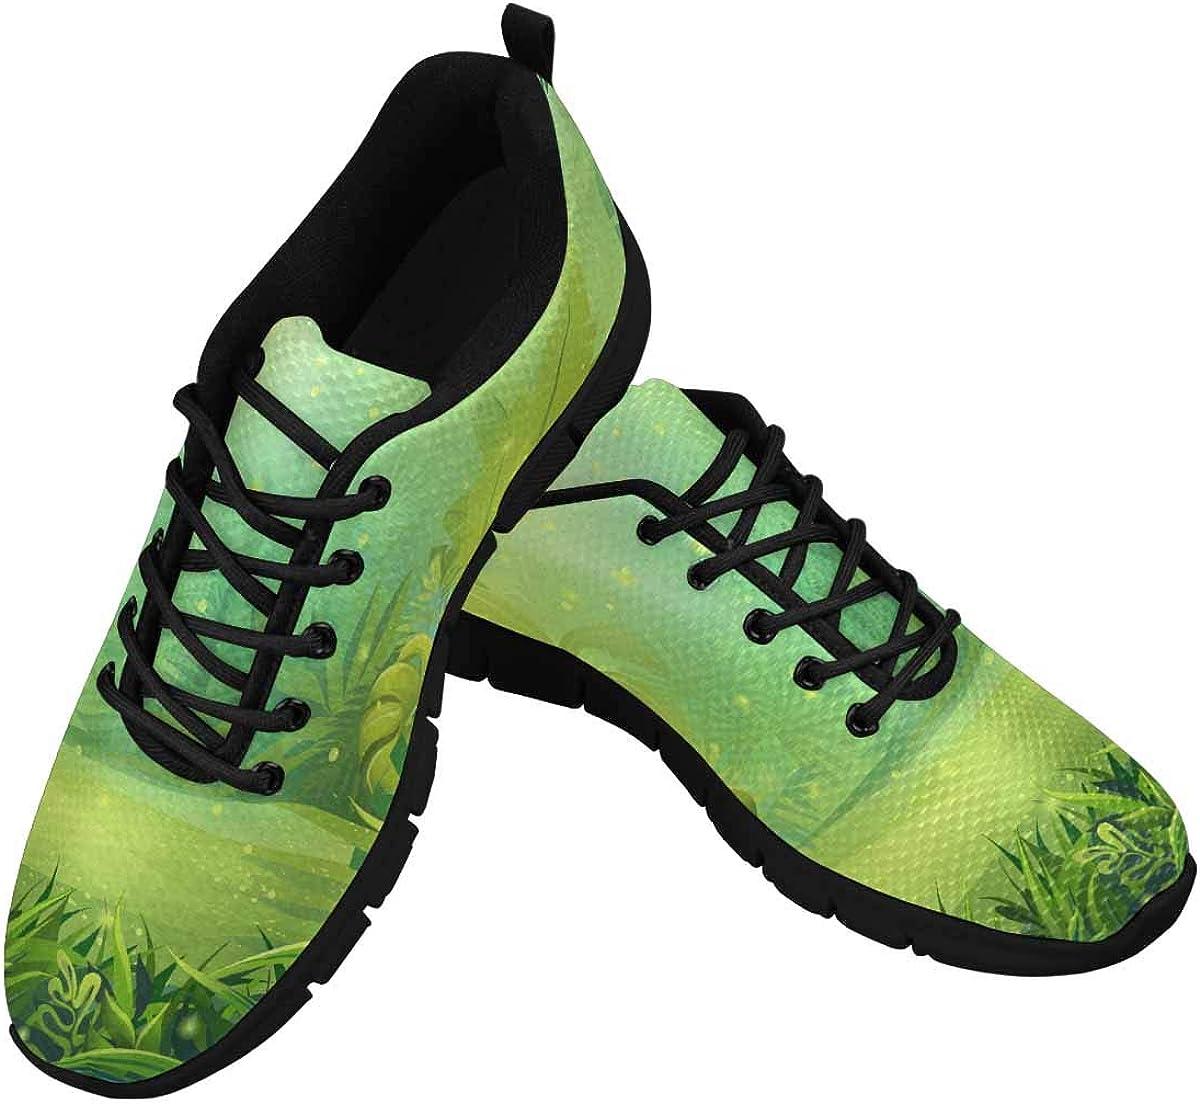 INTERESTPRINT Cartoon Morning Bright Jungle Women's Tennis Running Shoes Lightweight Sneakers